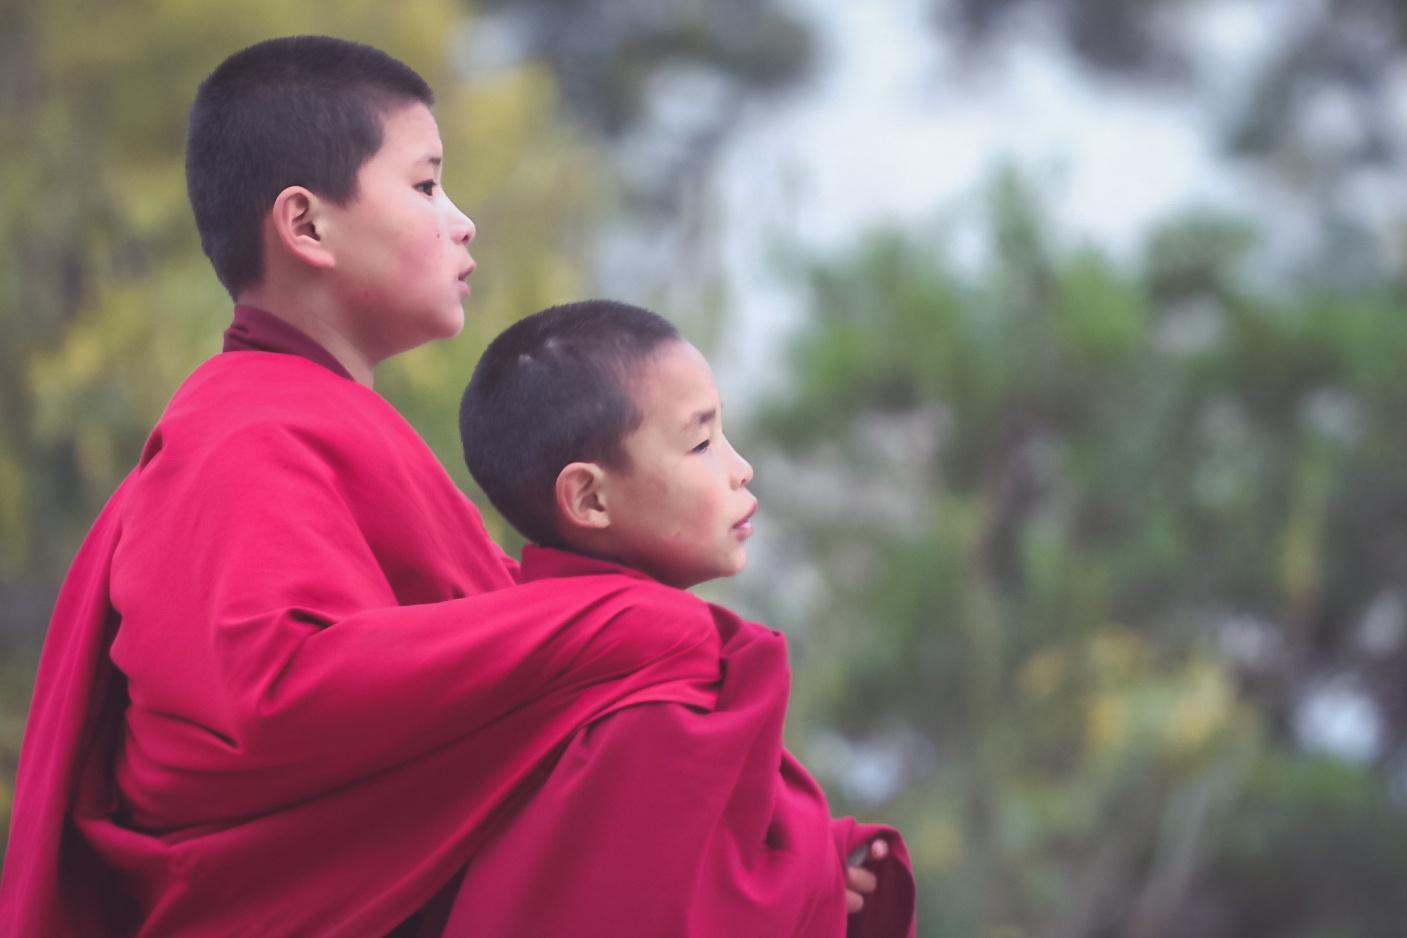 Bhutan, quốc gia bình tĩnh sống giữa đại dịch virus corona